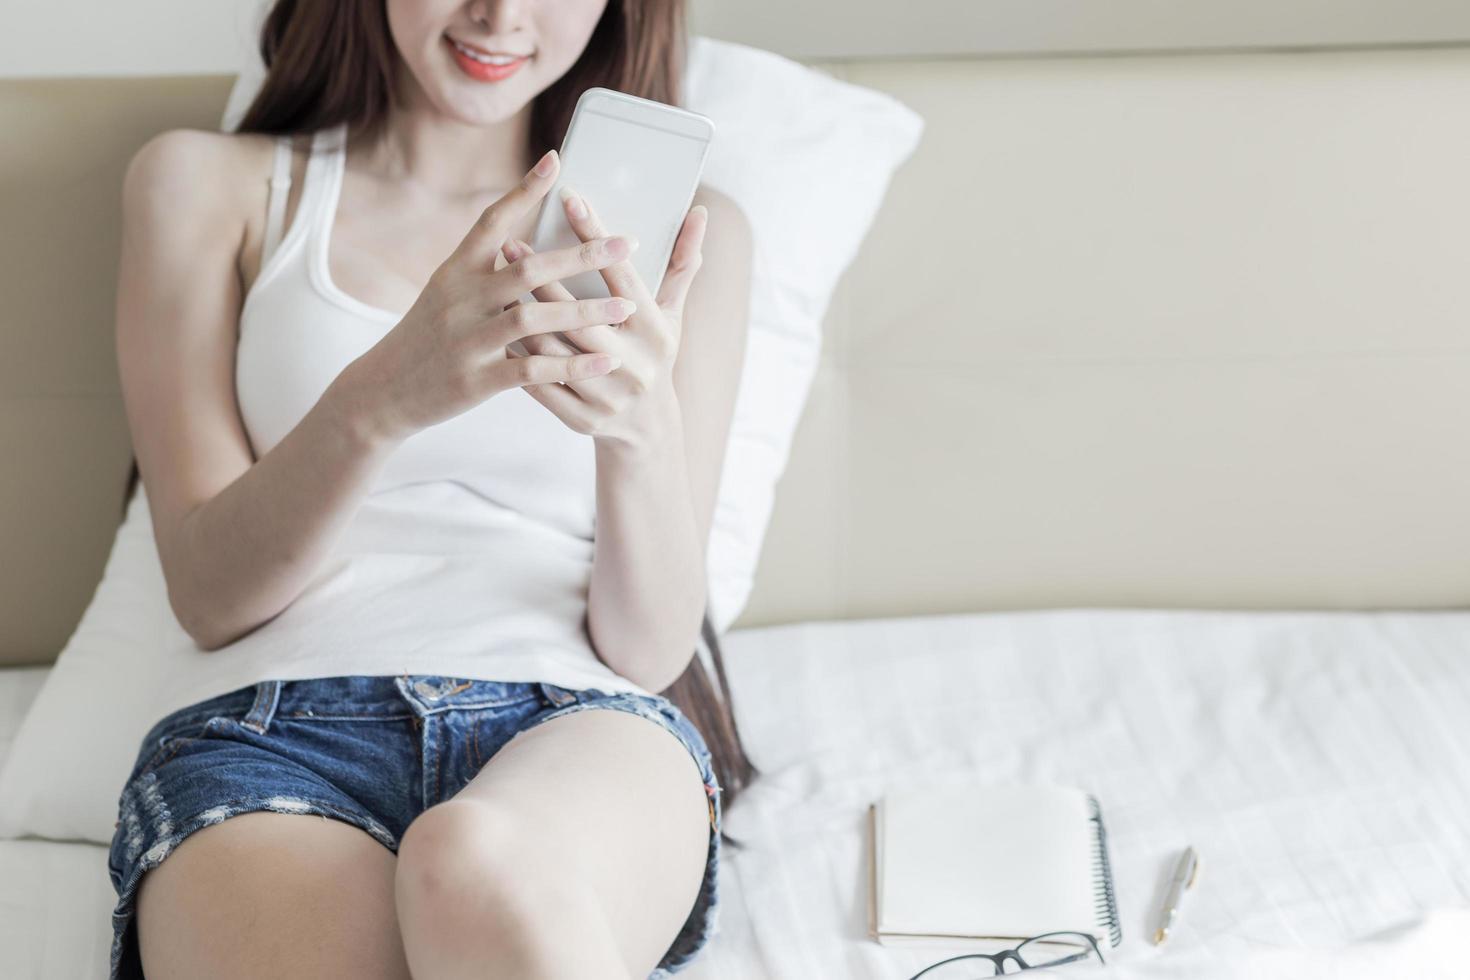 Nahaufnahme der Frau, die Smartphone im Bett hält foto